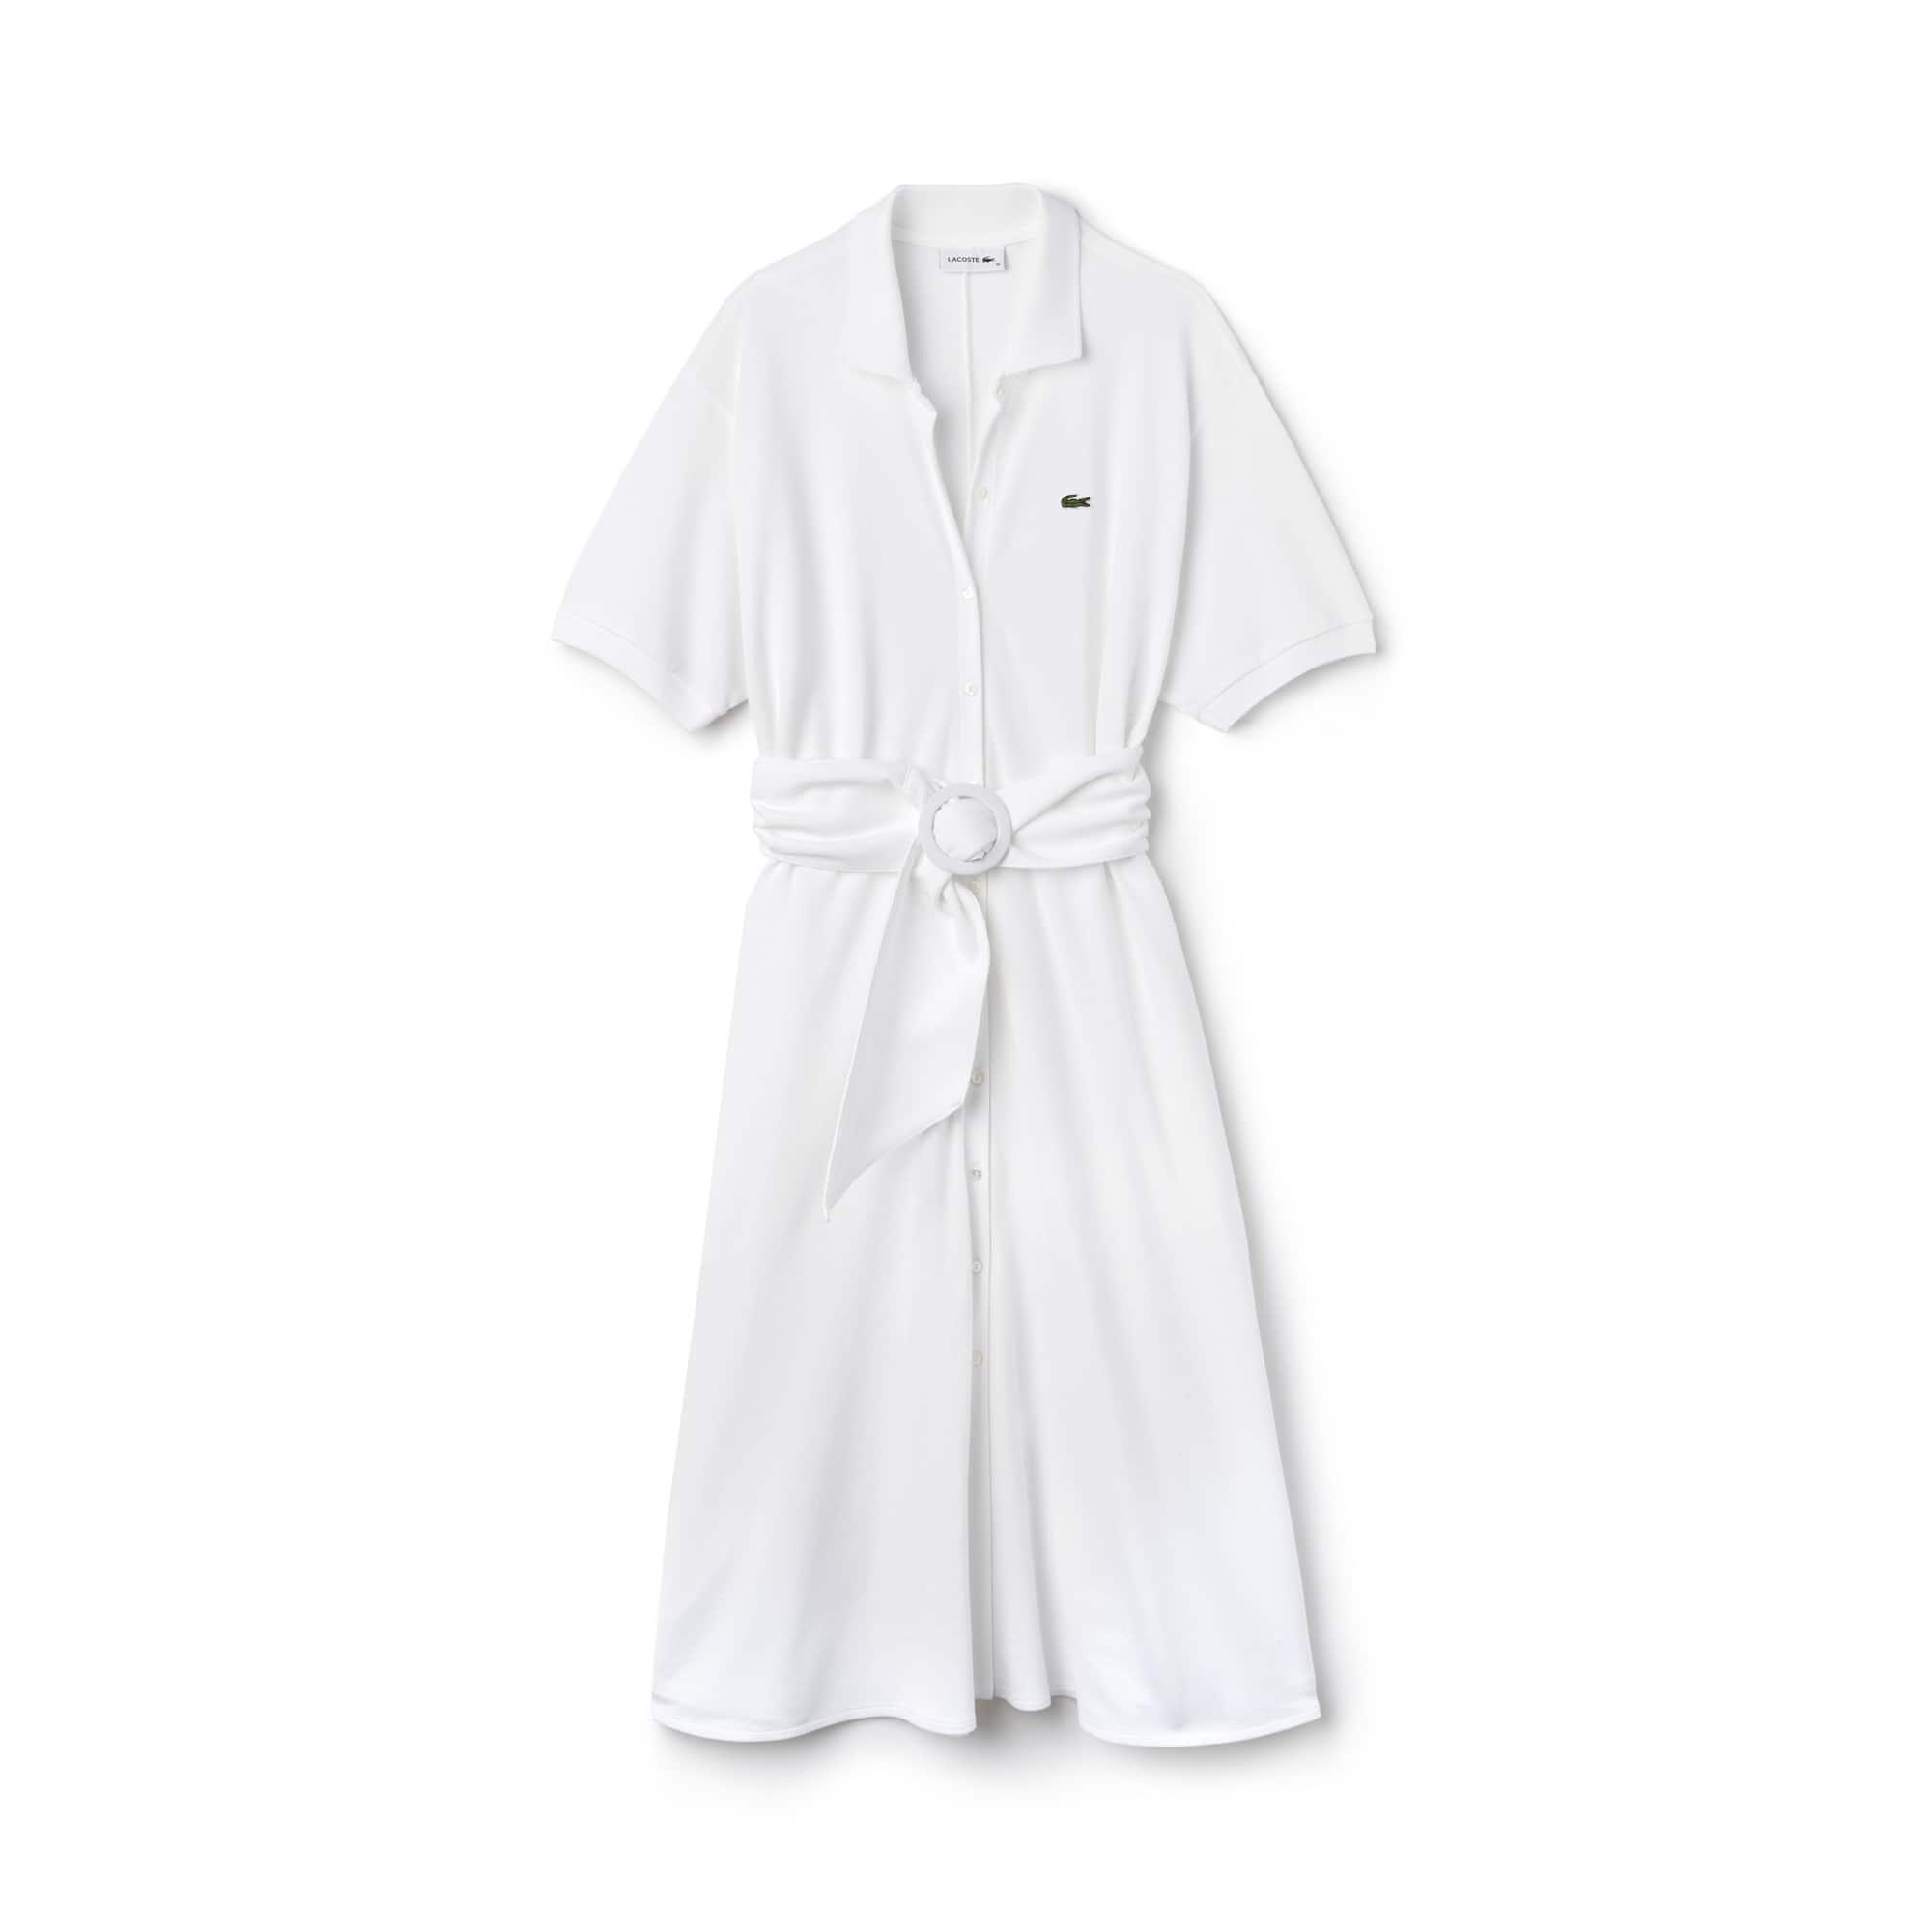 라코스테 피케 원피스, 벨티드 피케 셔츠 드레스 화이트 Lacoste Womens Belted Buttoned Pique Polo Dress,WHITE